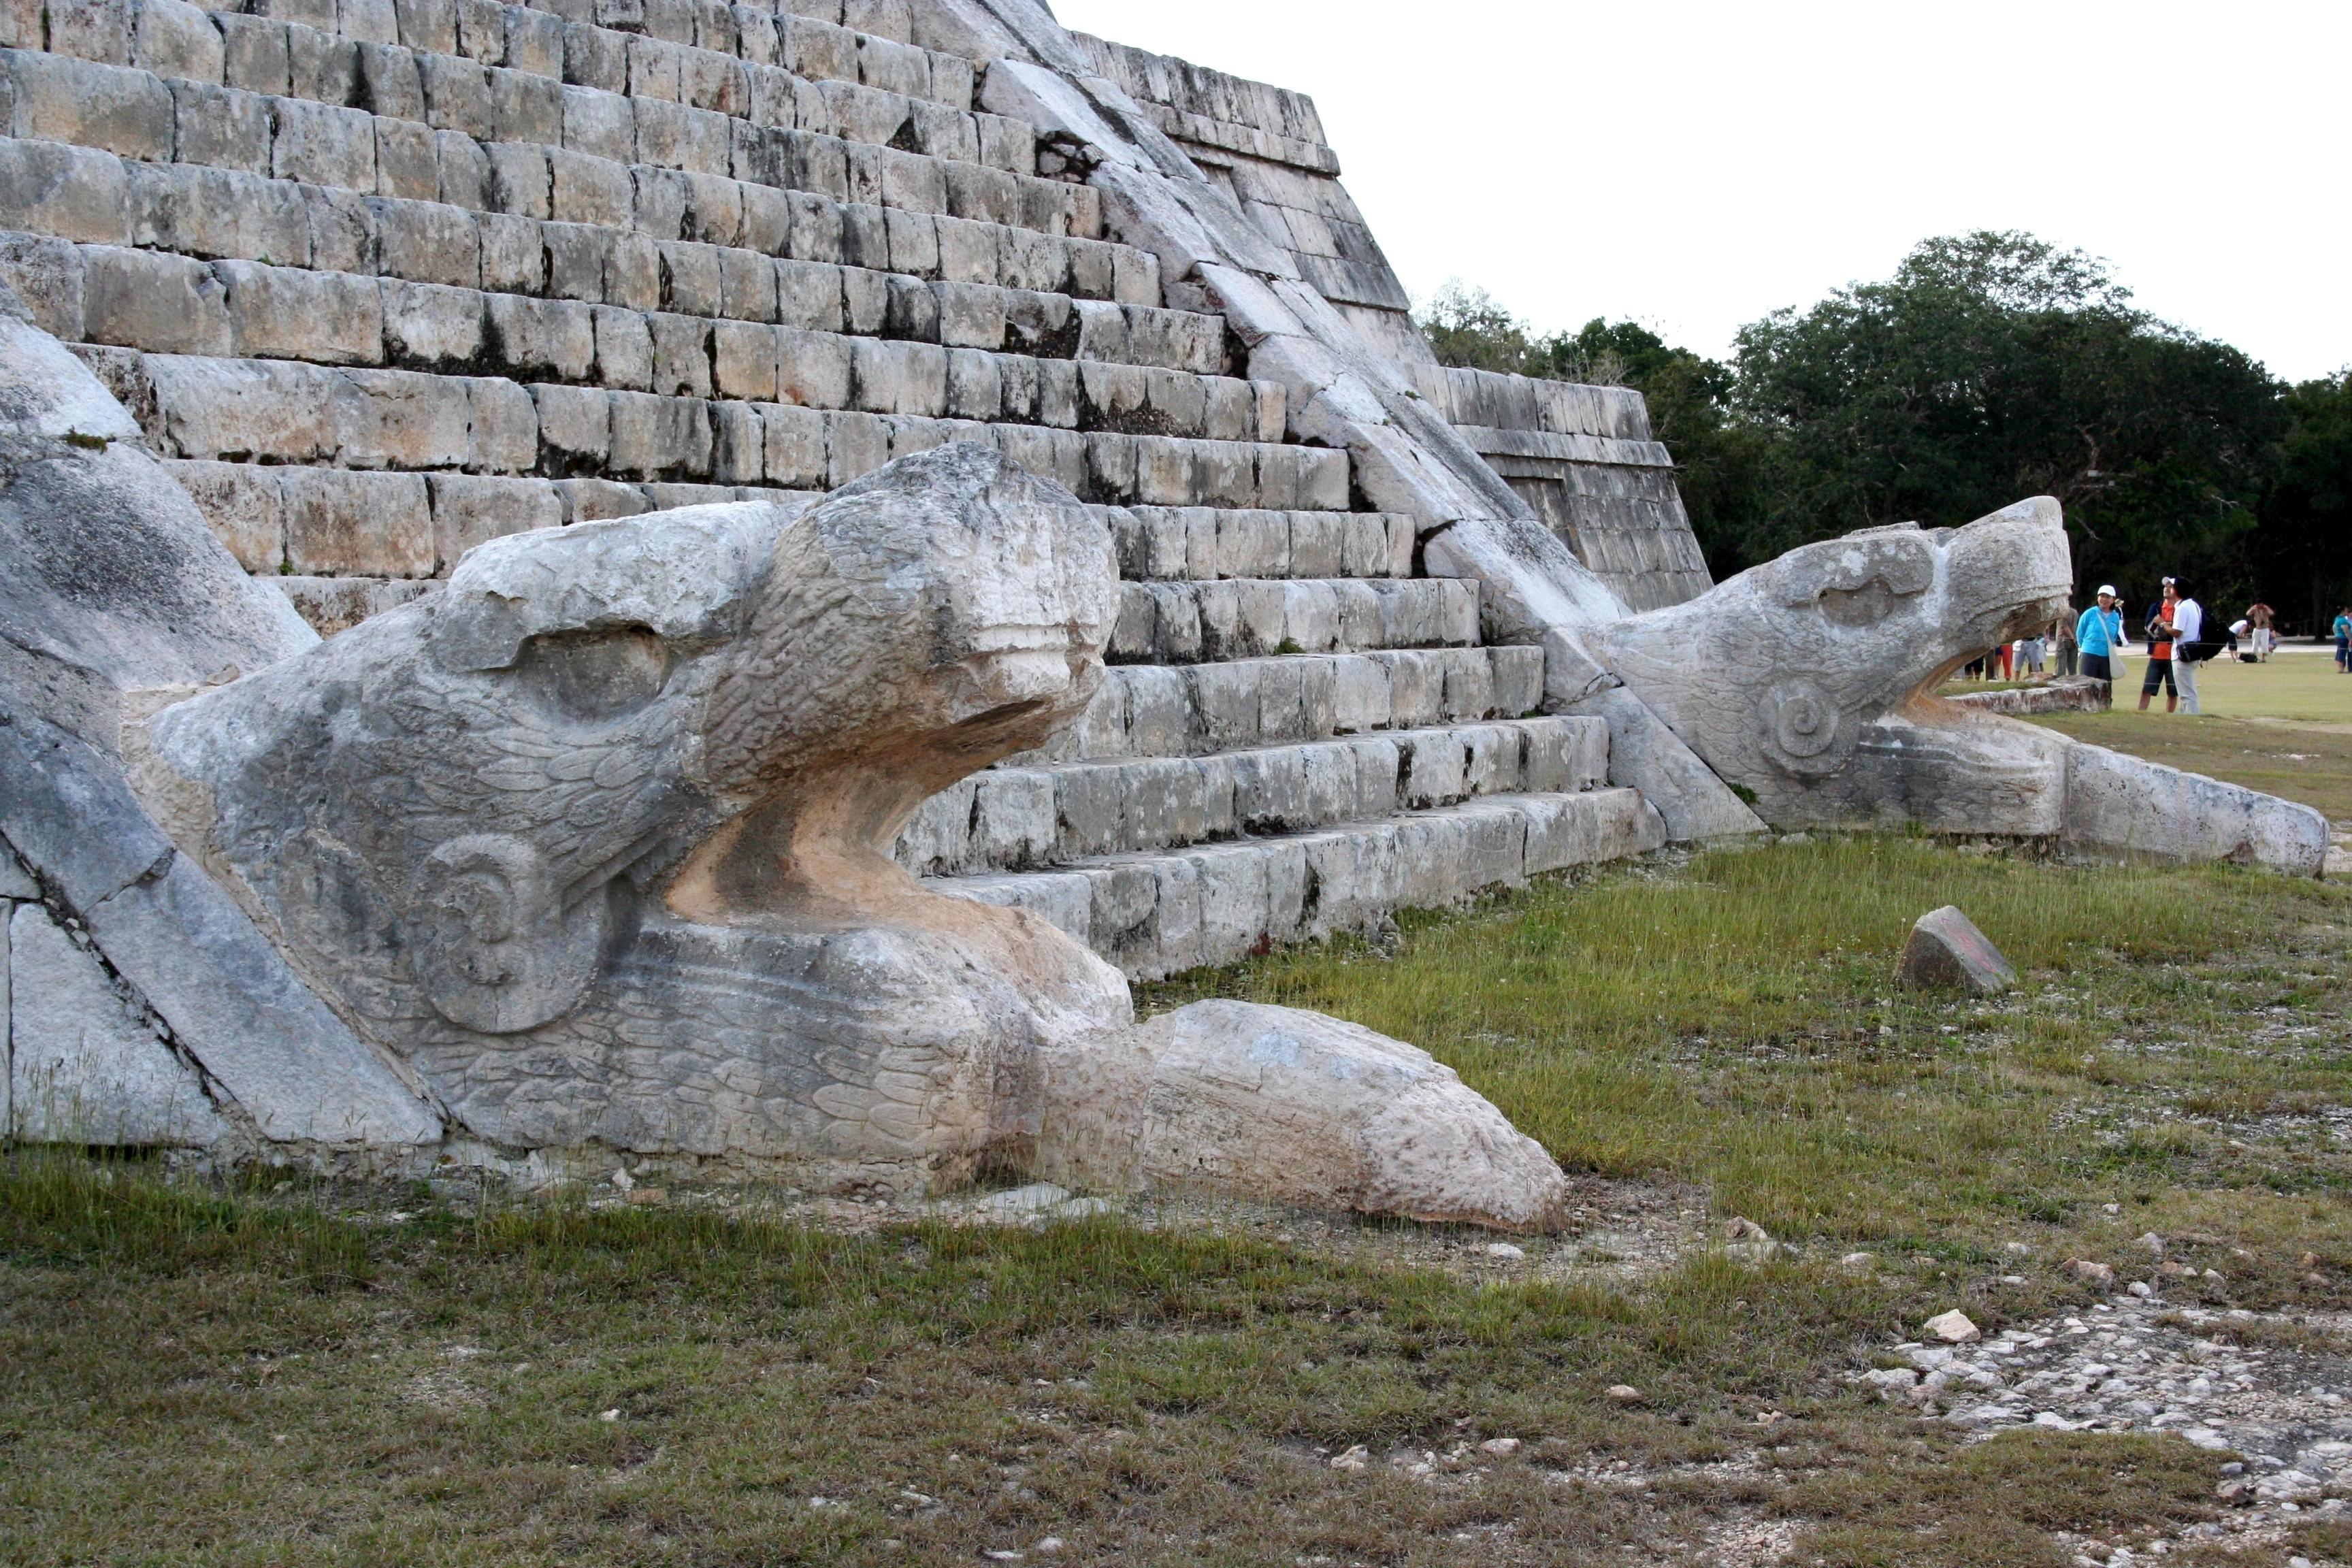 El Castillo Serpents